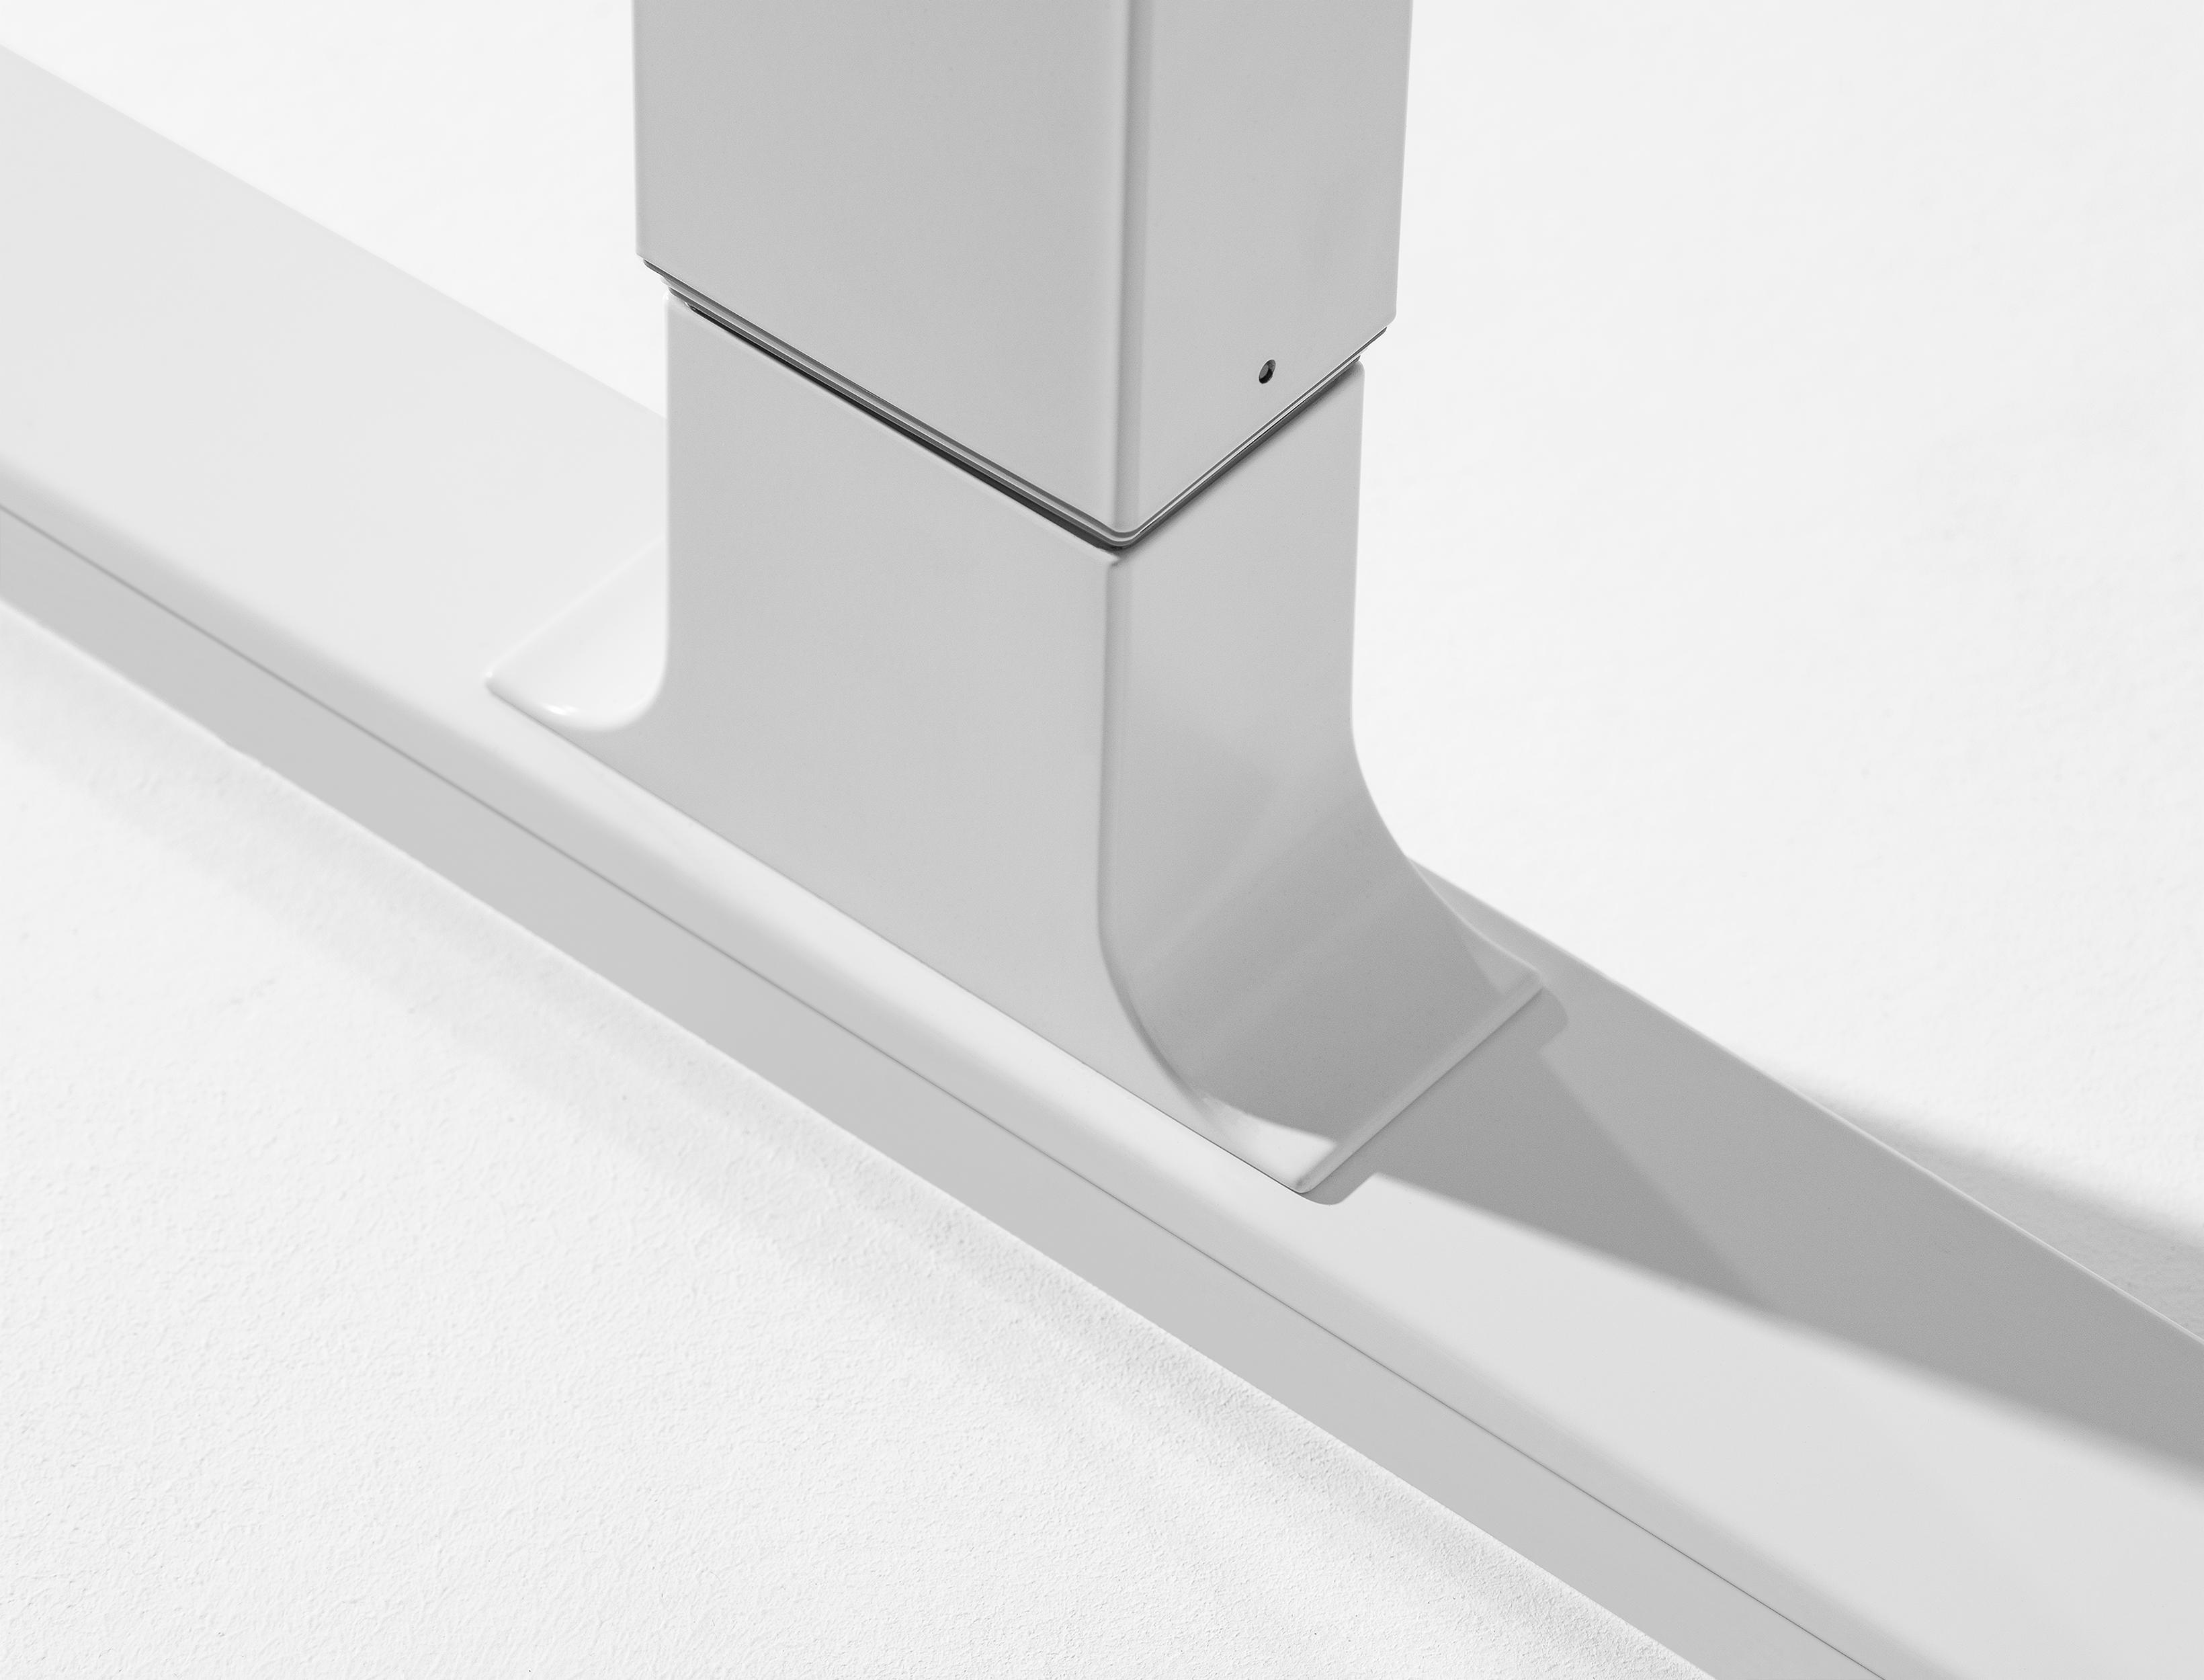 Designschreibtsich moll T7 Hoehenadapter - Delso - dětský, kancelářský a bytový nábytek